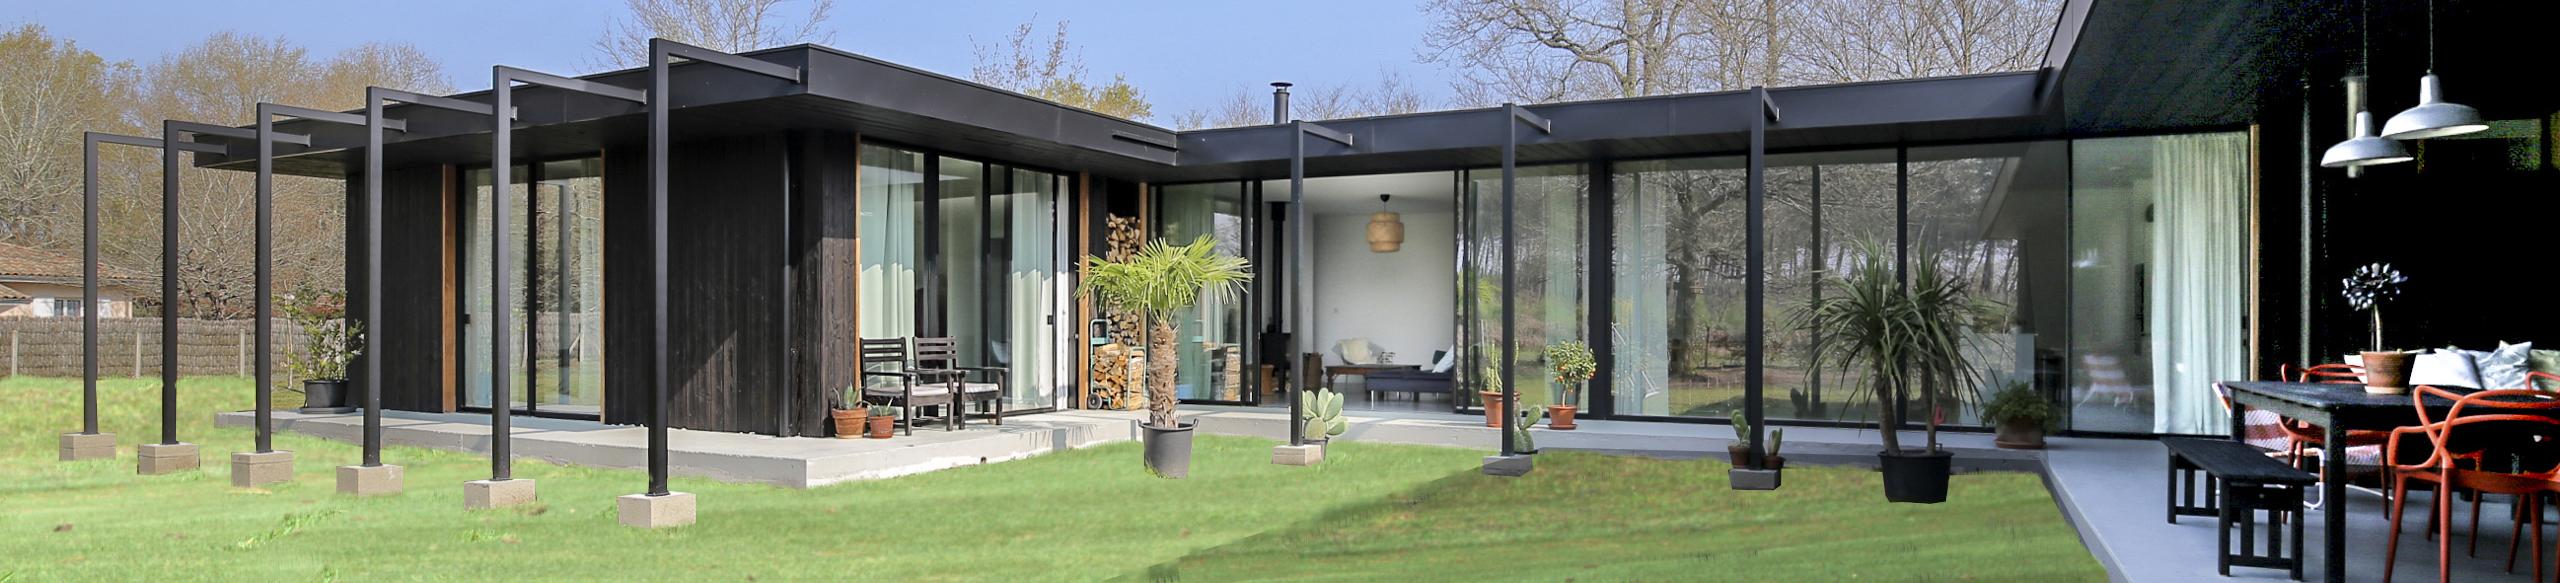 Photographe Immobilier Aquitaine, Landes, Pays Basque et Béarn 2